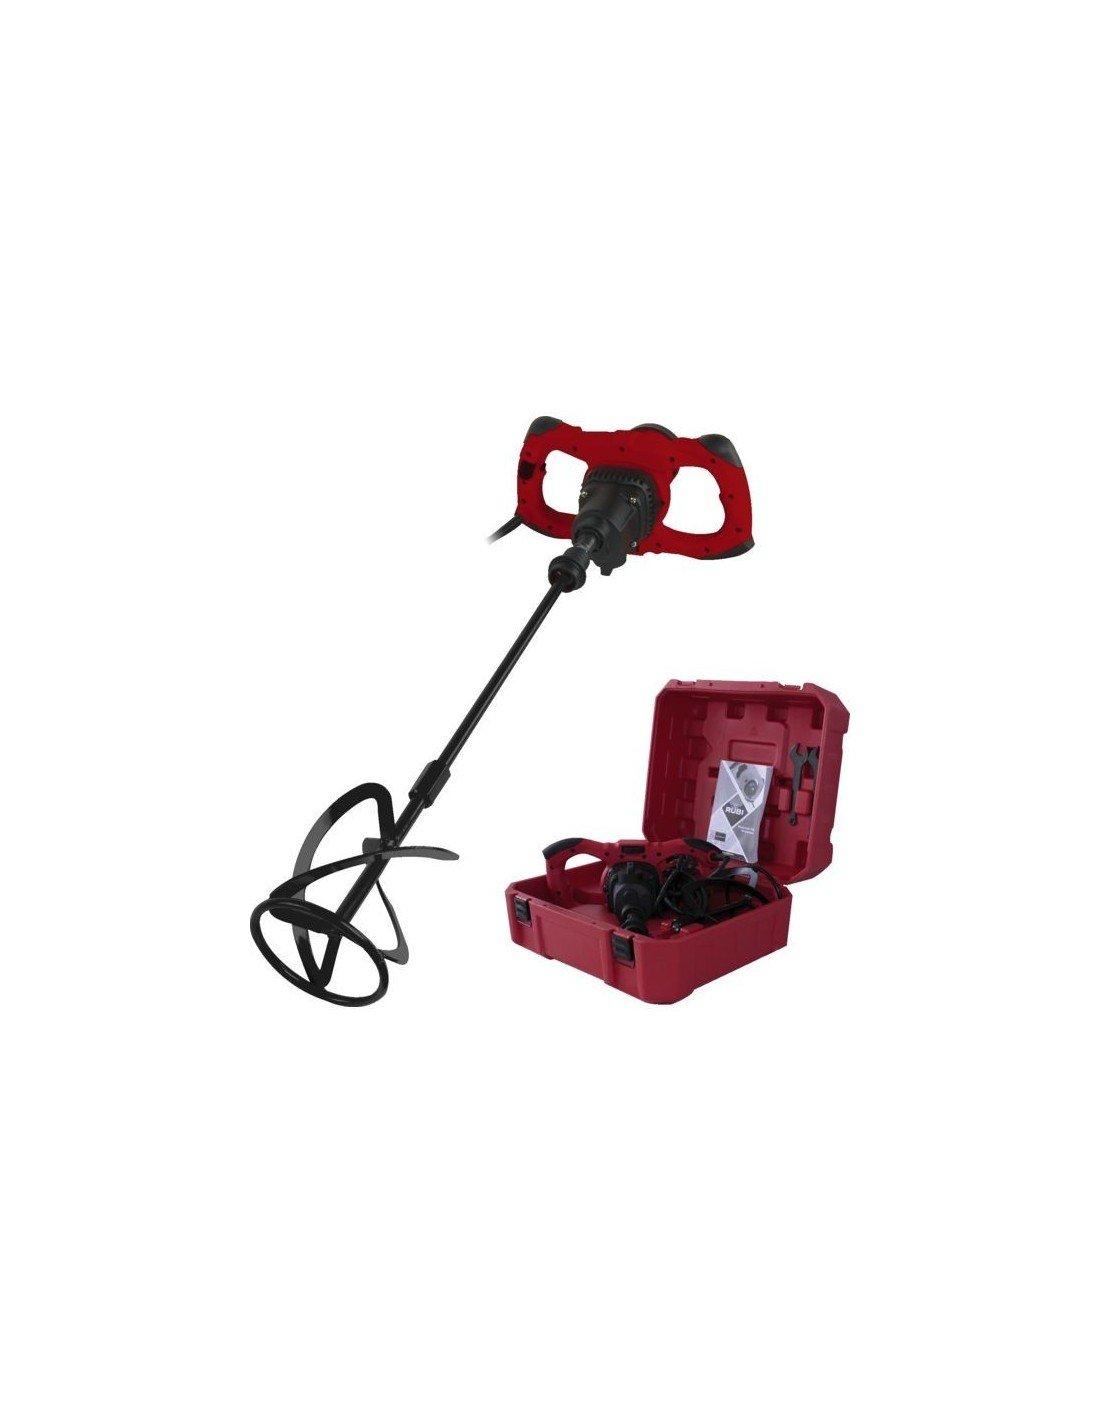 1600/W 240/V Rubi 24998-Rubimix-16/Ergomax Malaxeur avec mallette